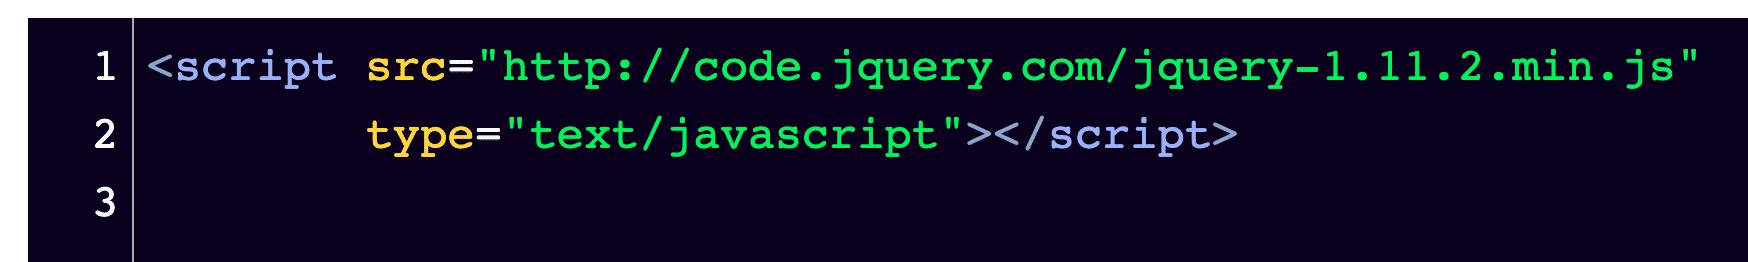 El fragmento debería verse así en el editor de código.